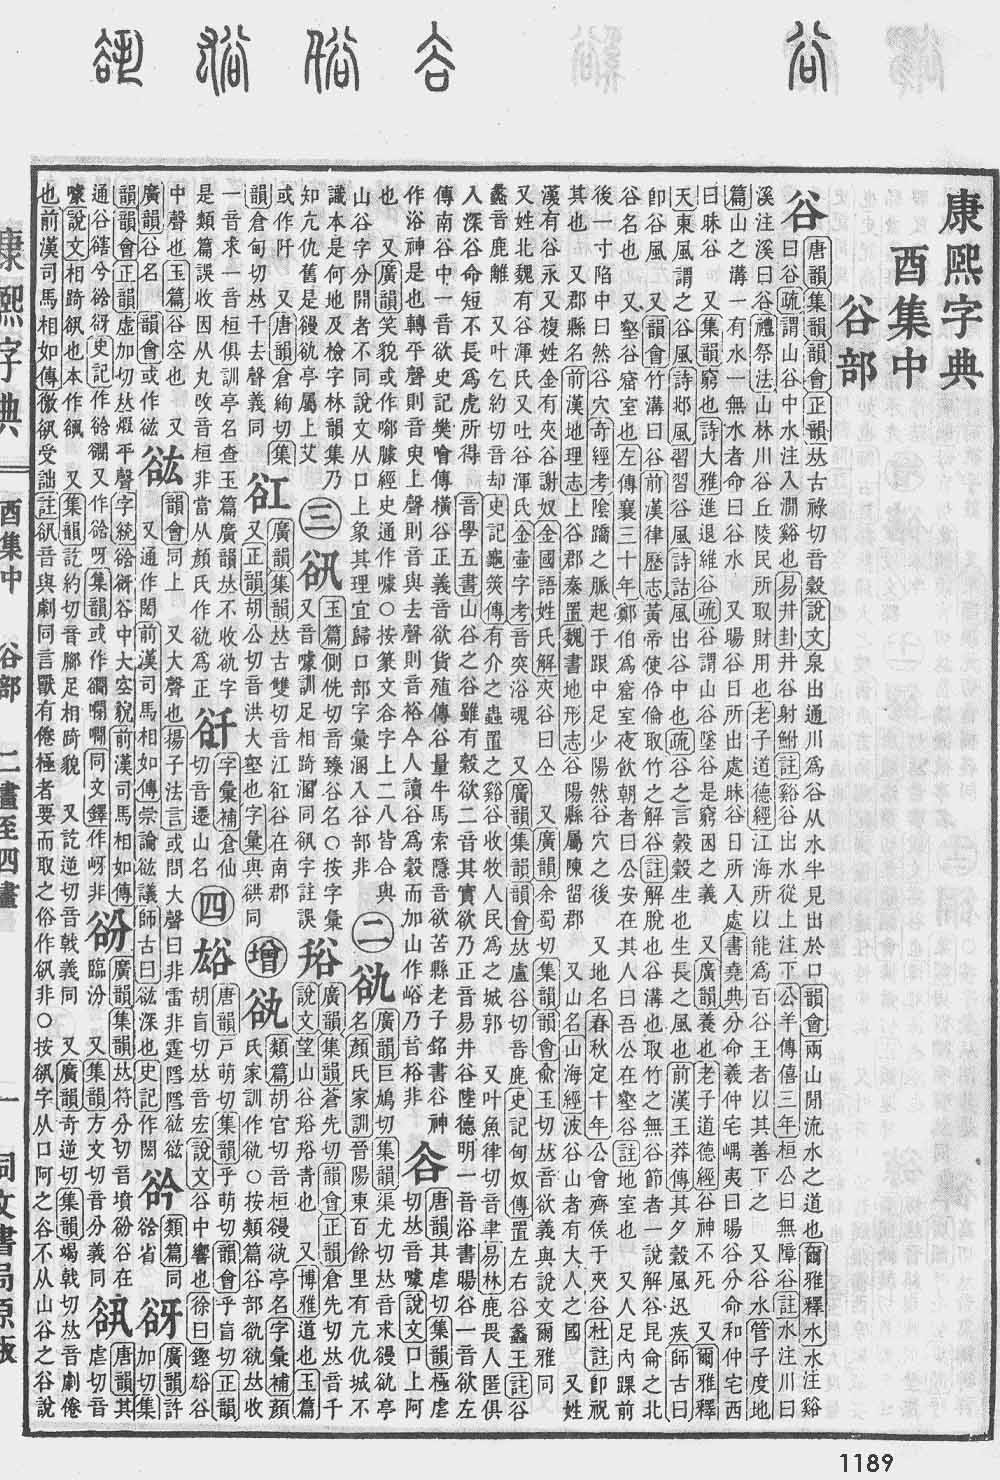 《康熙字典》第1189页